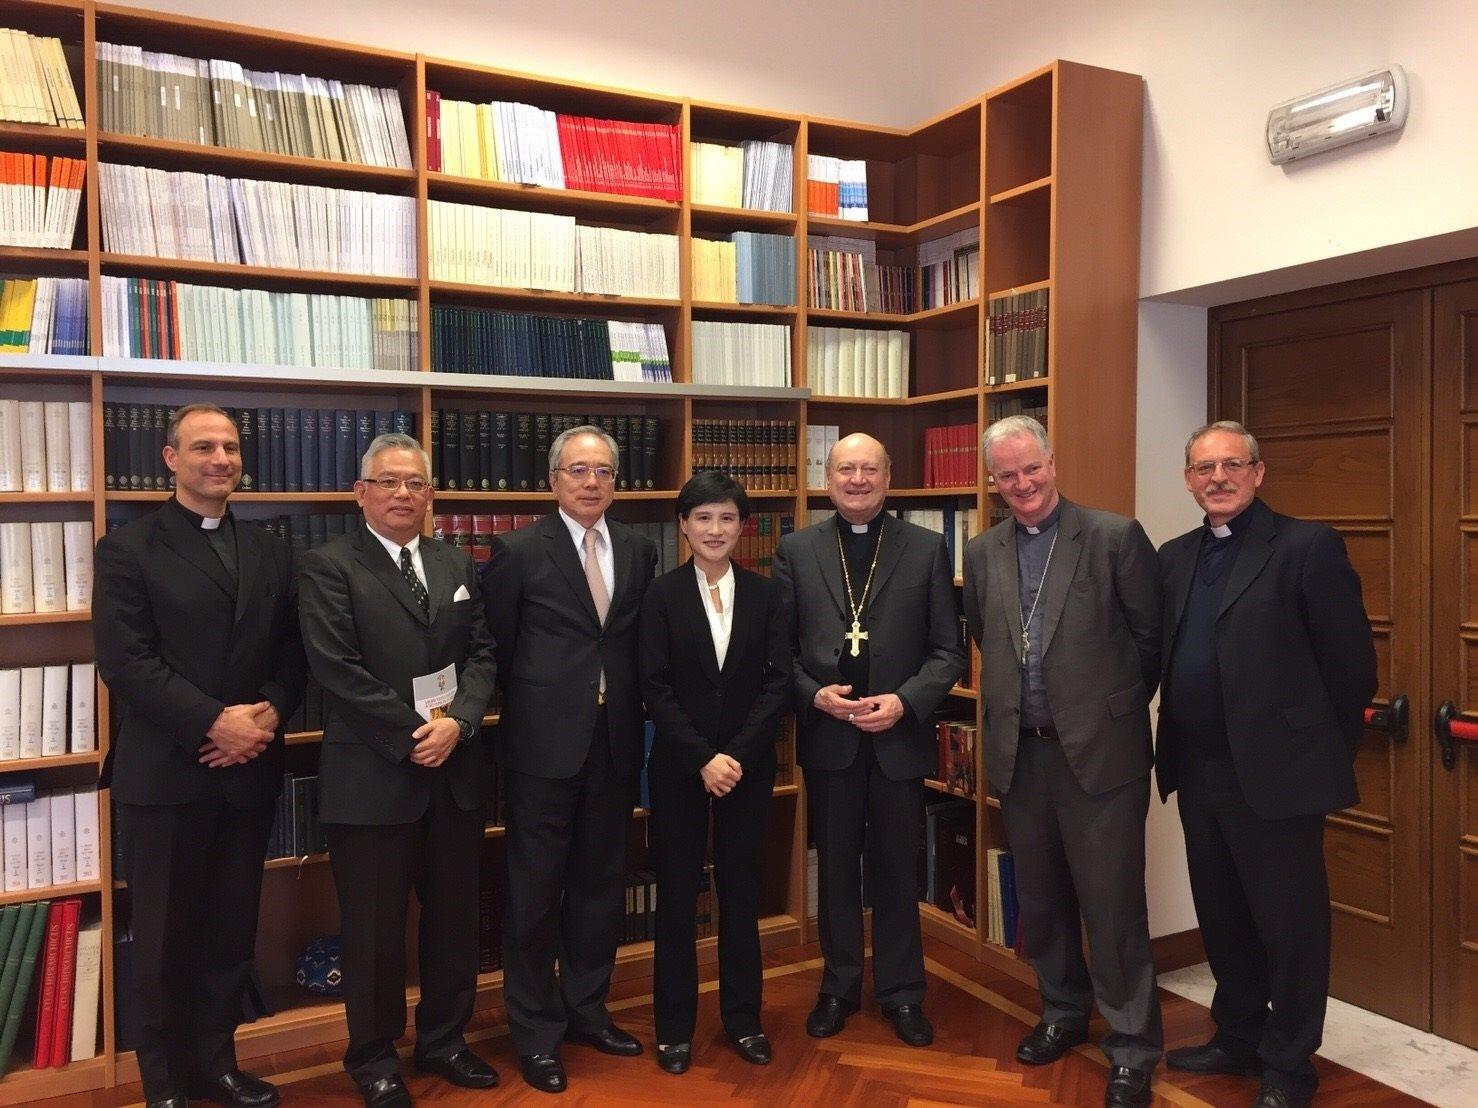 文化部長鄭麗君訪教廷 會晤教廷文化部部長並邀其訪臺